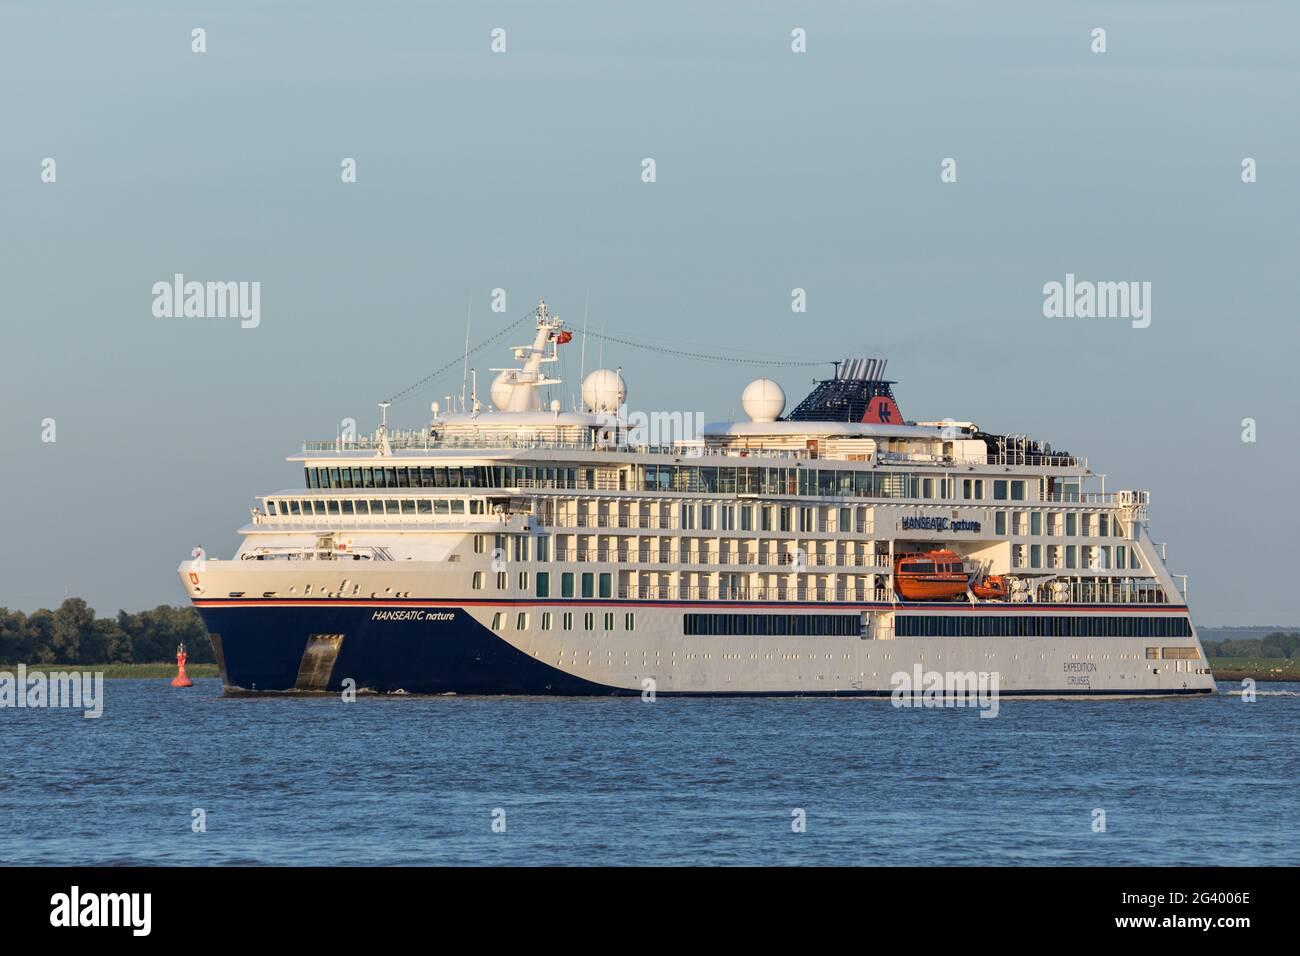 Stade, Allemagne - 15 juin 2021 : expédition navire de croisière NATURE HANSÉATIQUE sur l'Elbe lors d'un voyage en Norvège Banque D'Images